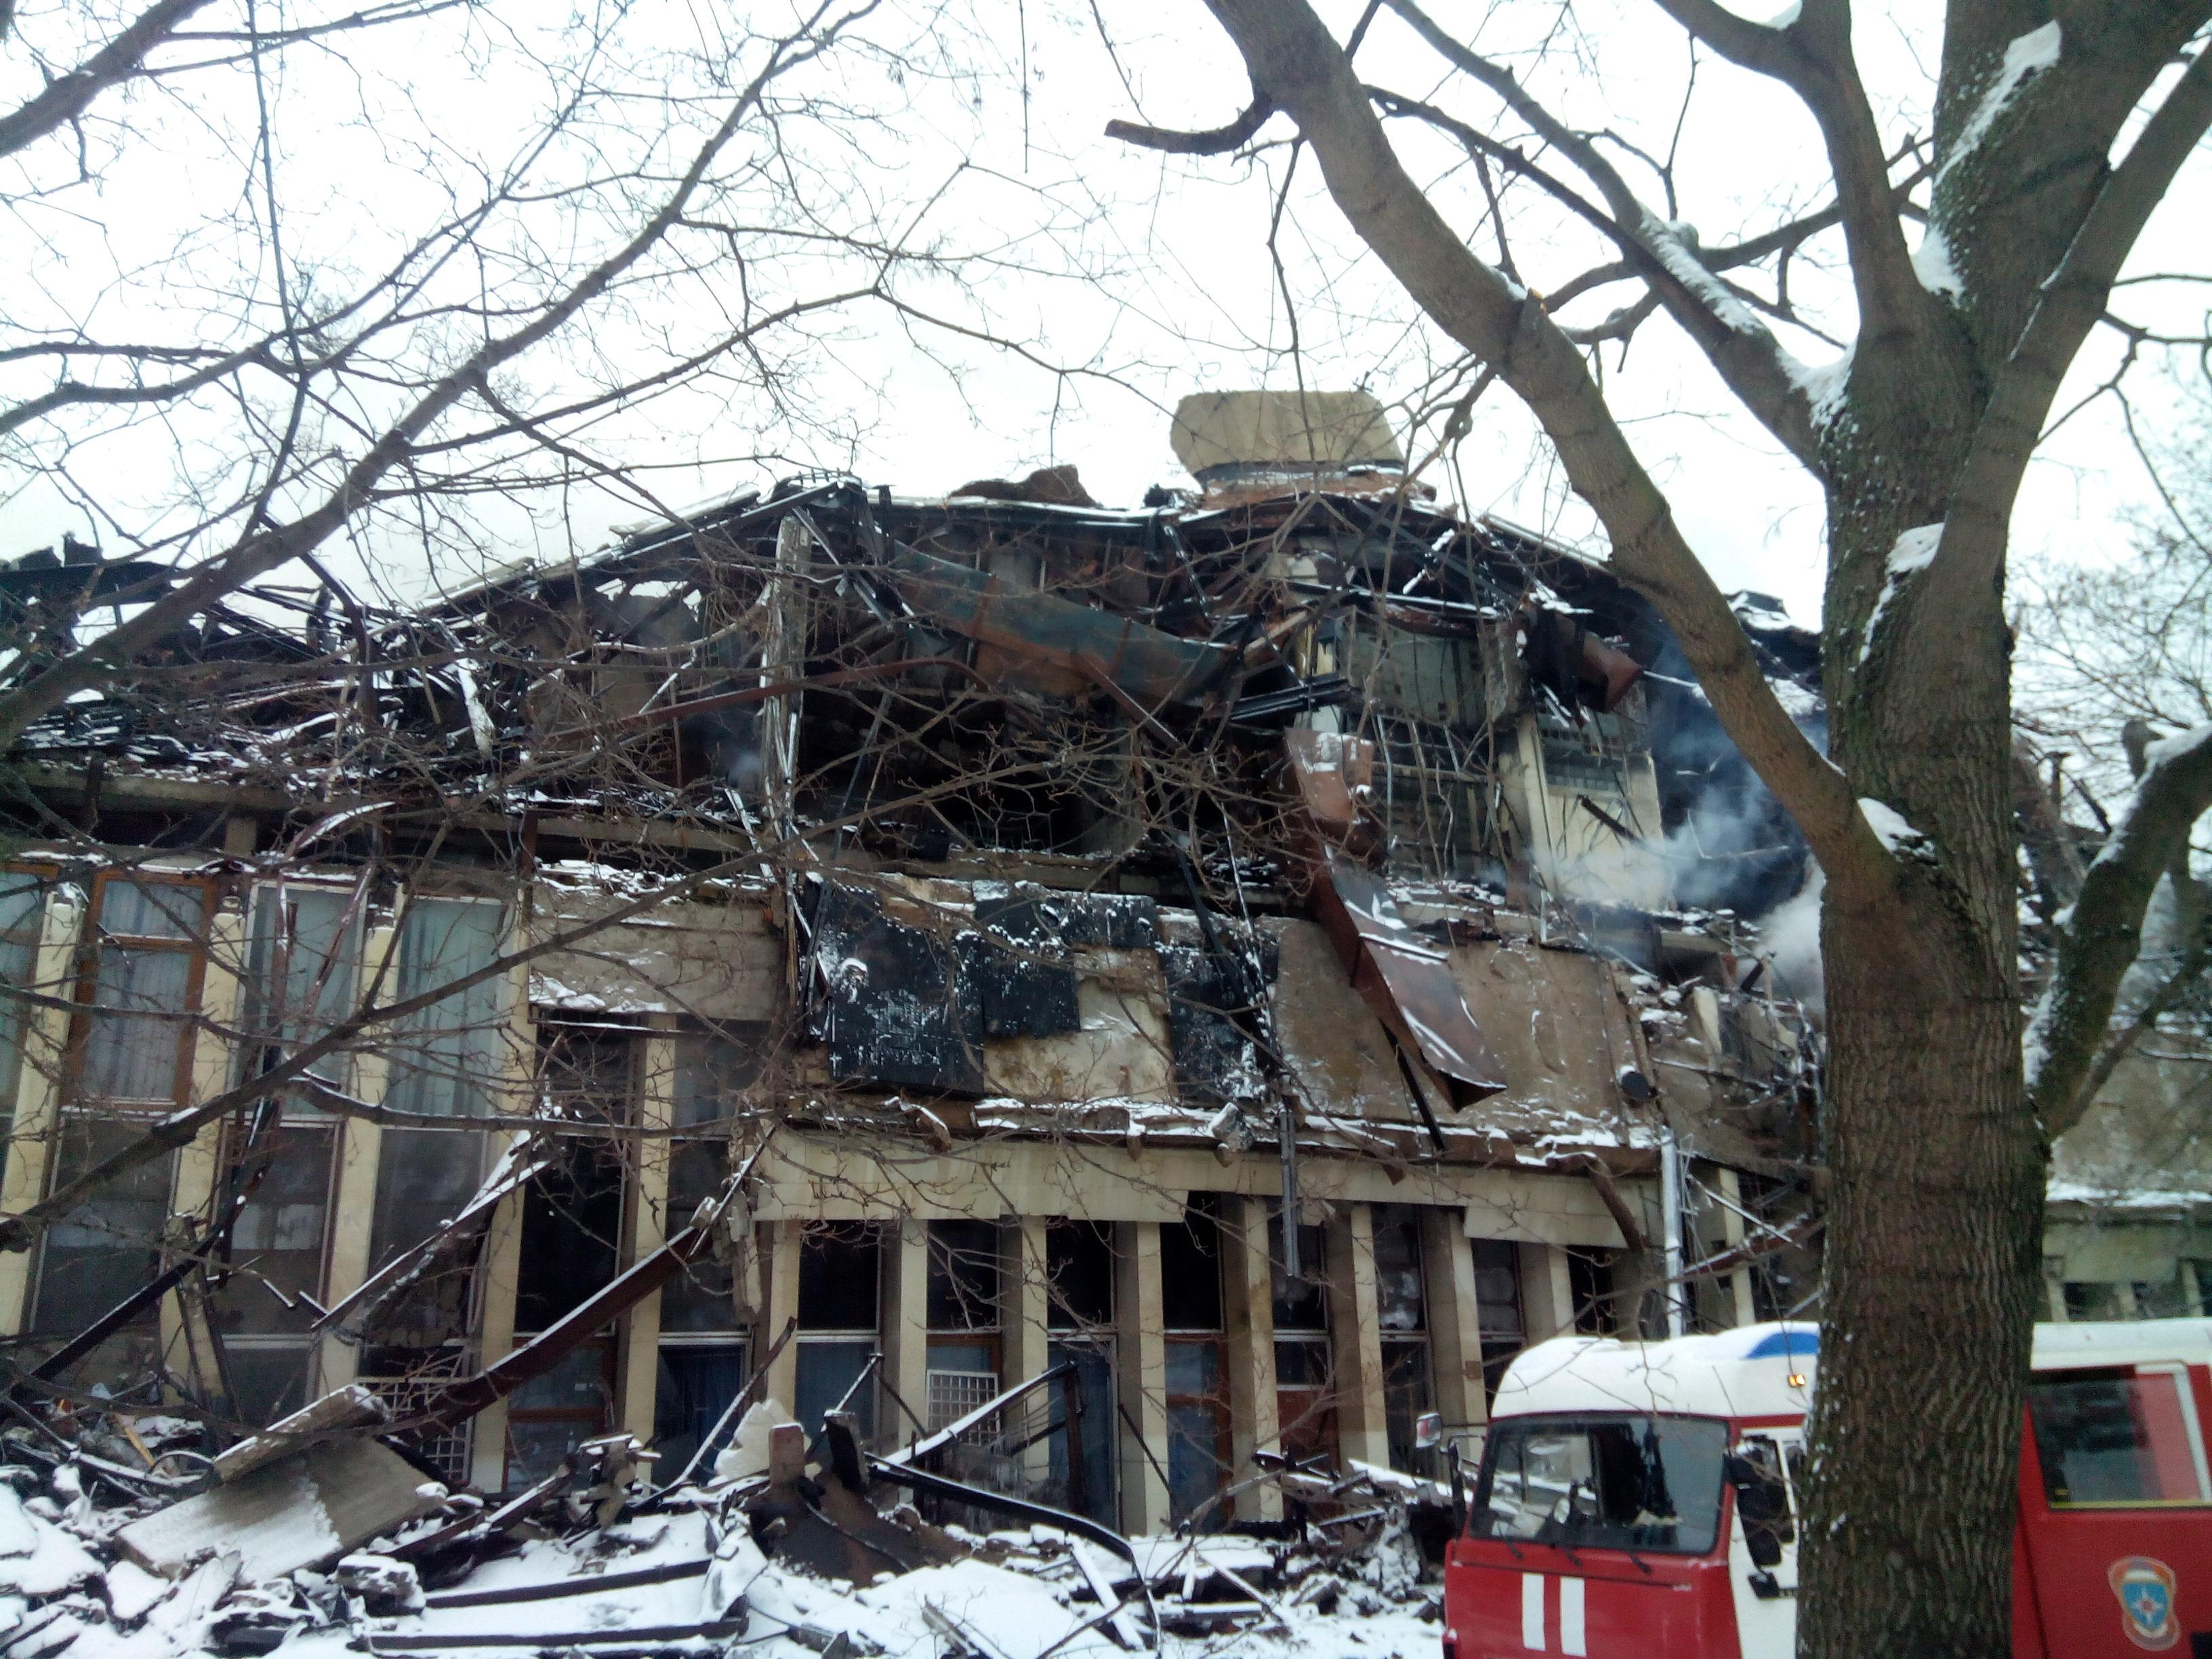 31 января 2015 г. Тушение пожара — ИНИОН РАН 2015-01-31 09.54.31.jpg